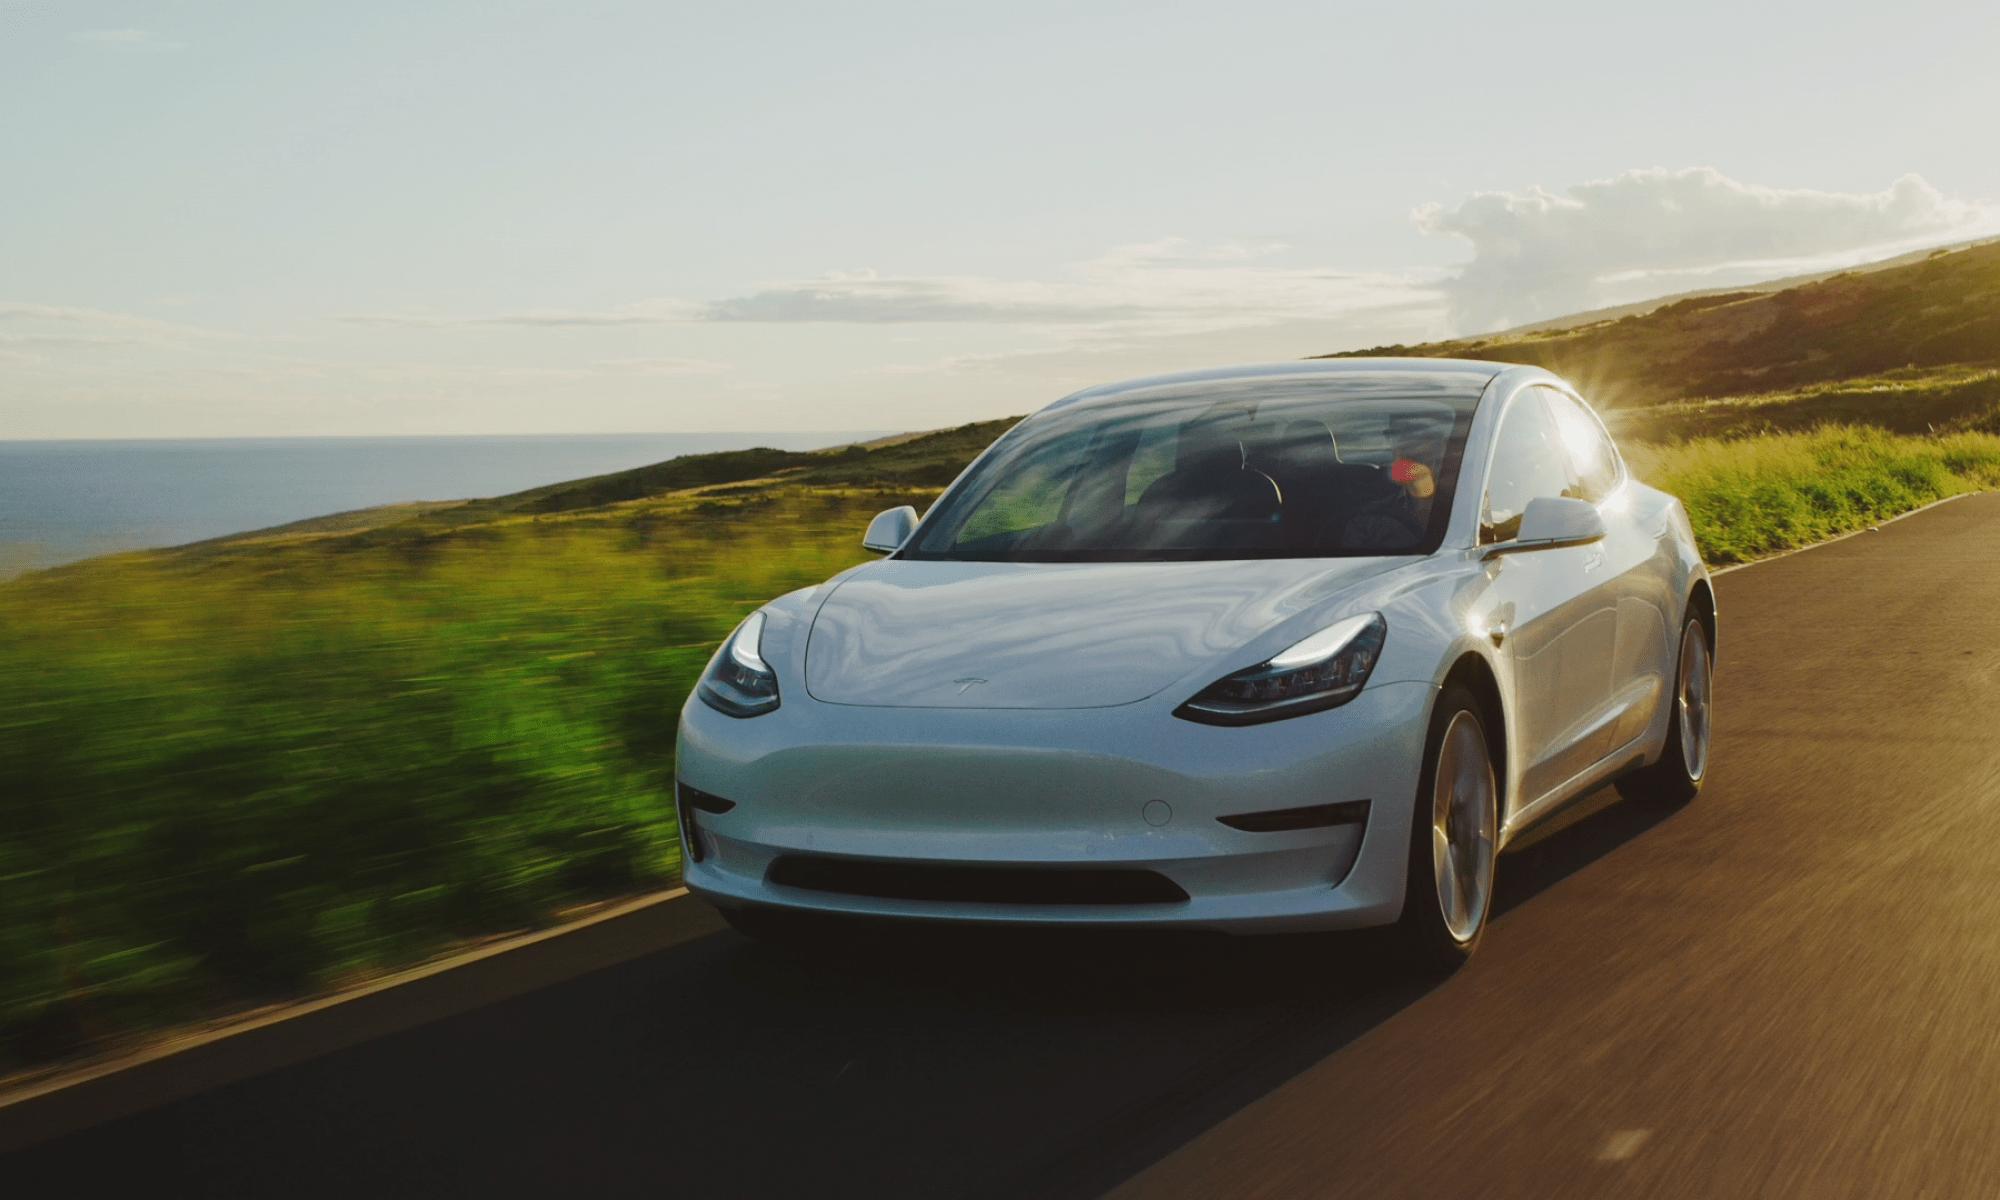 Charging Your Tesla At Home | Tesla Co-Pilot Manual